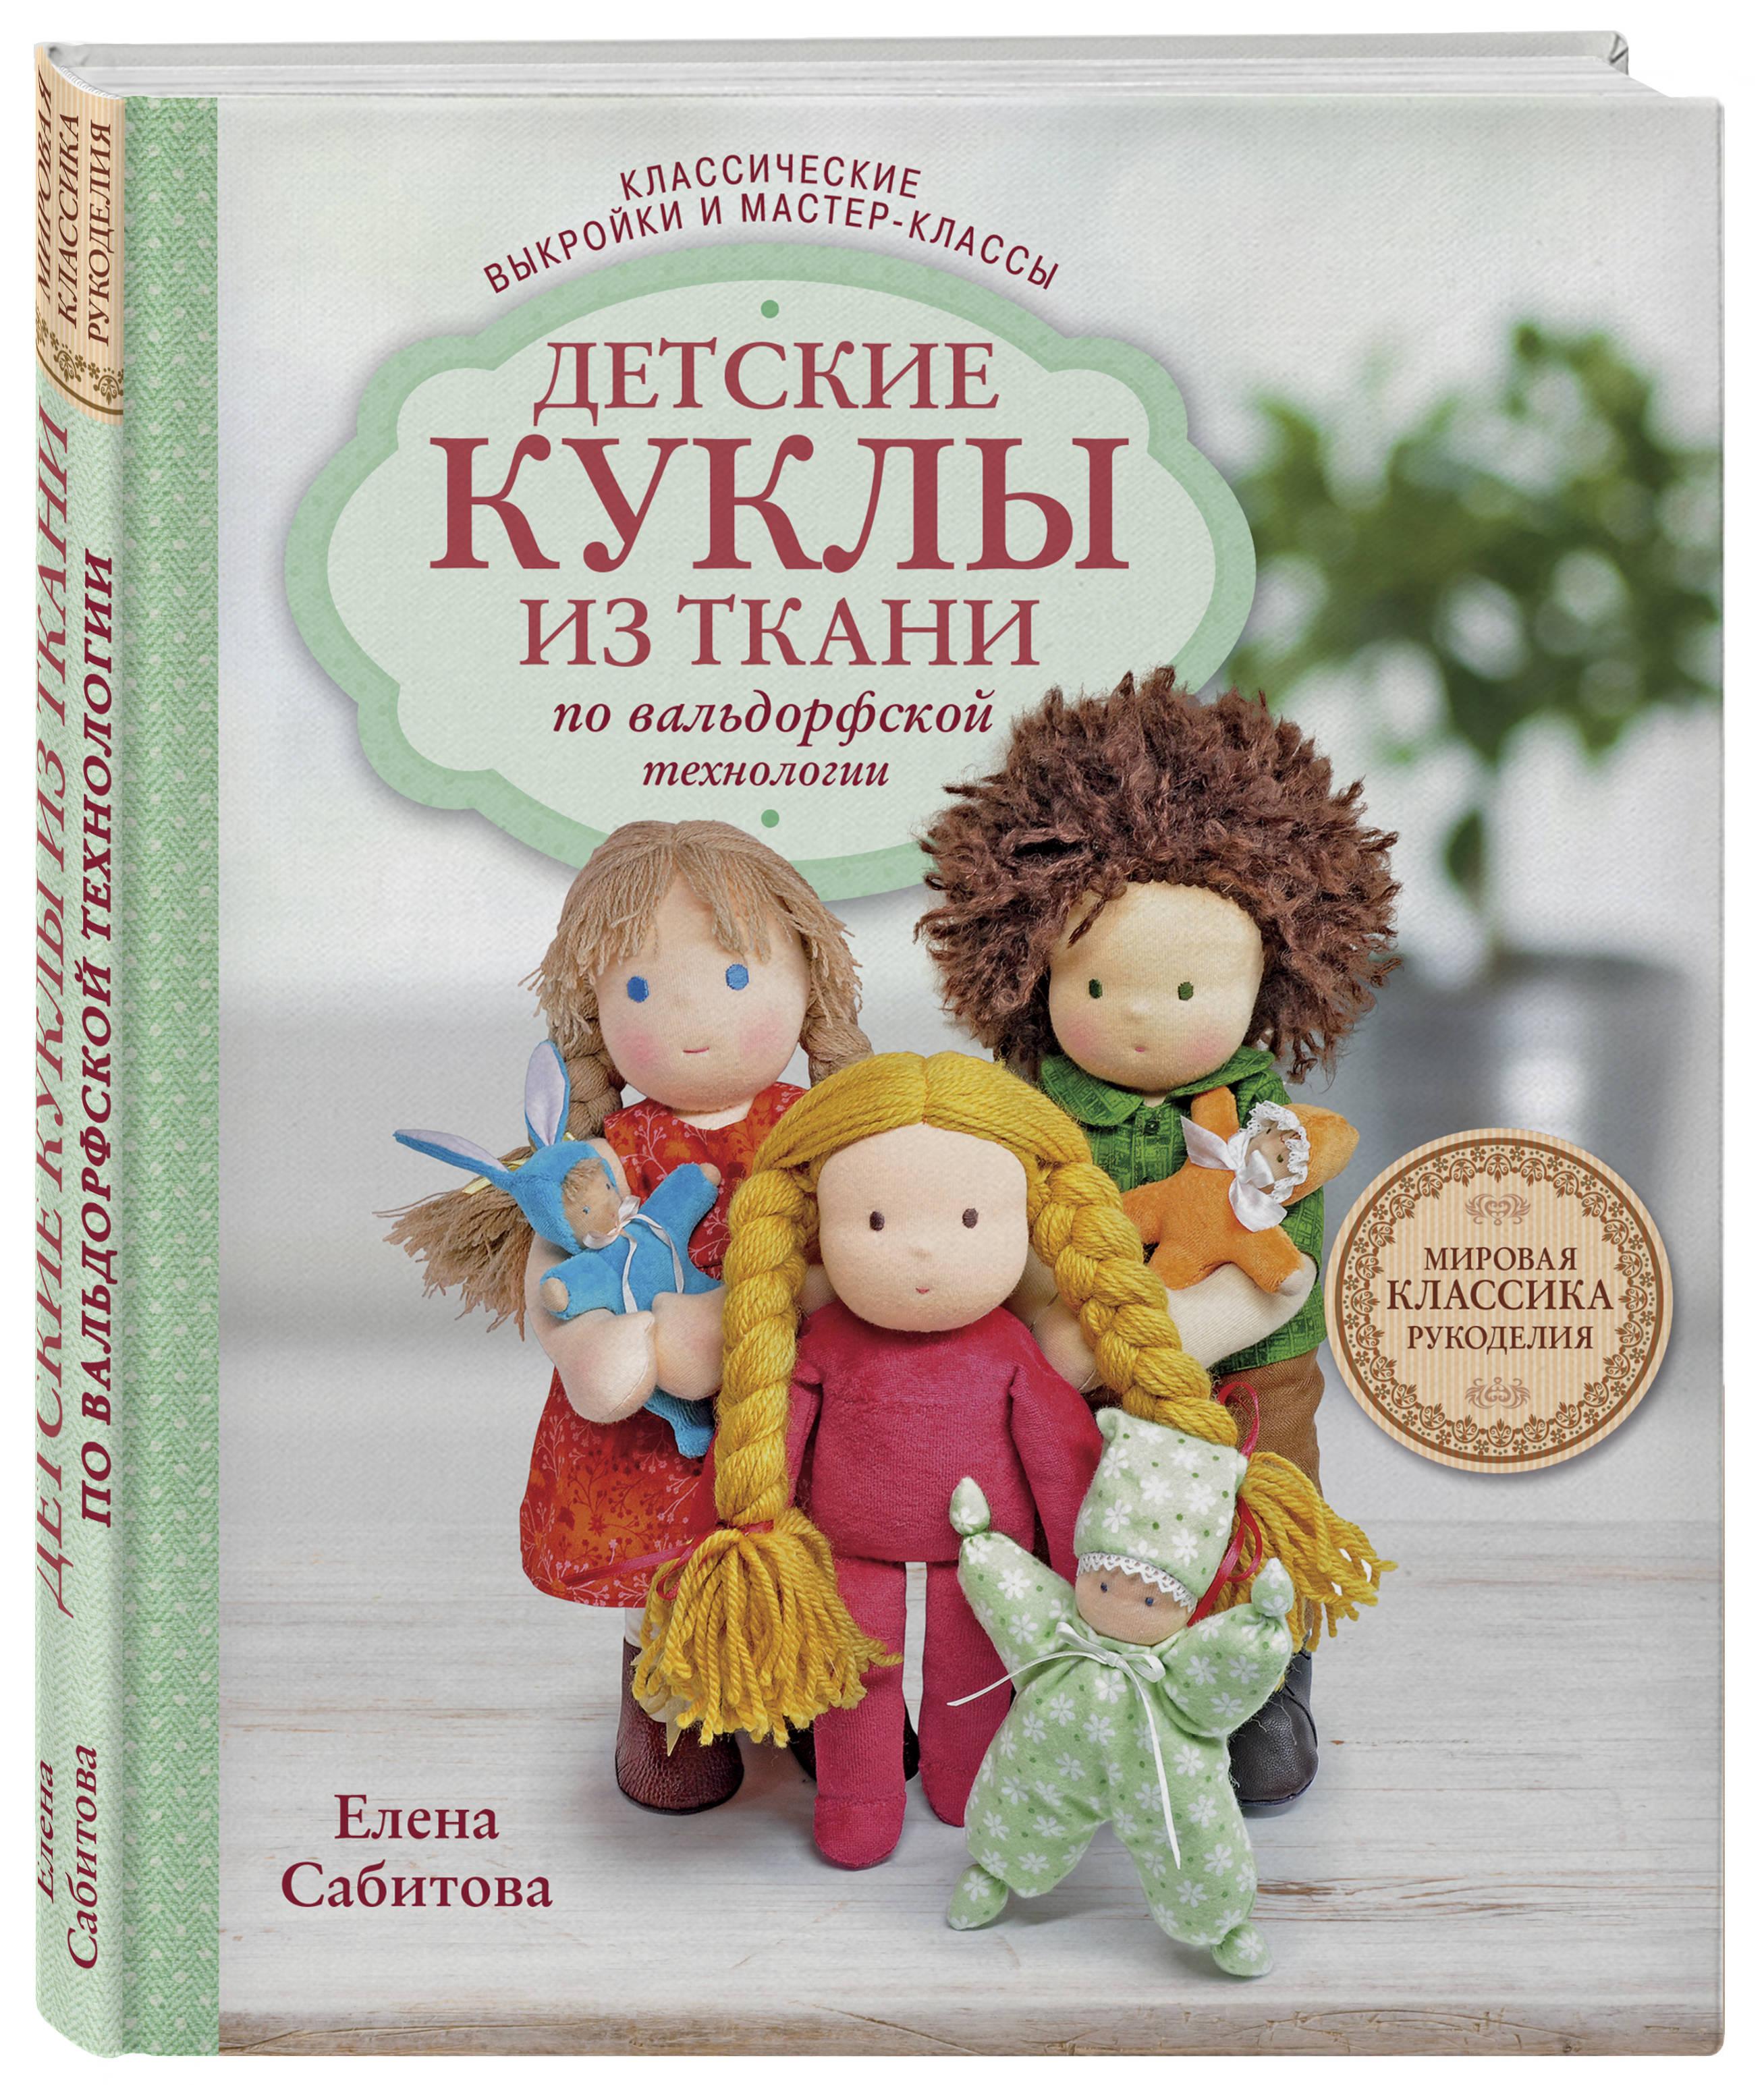 Детские куклы из ткани по вальдорфской технологии. Классические выкройки и мастер-классы ( Елена Сабитова  )